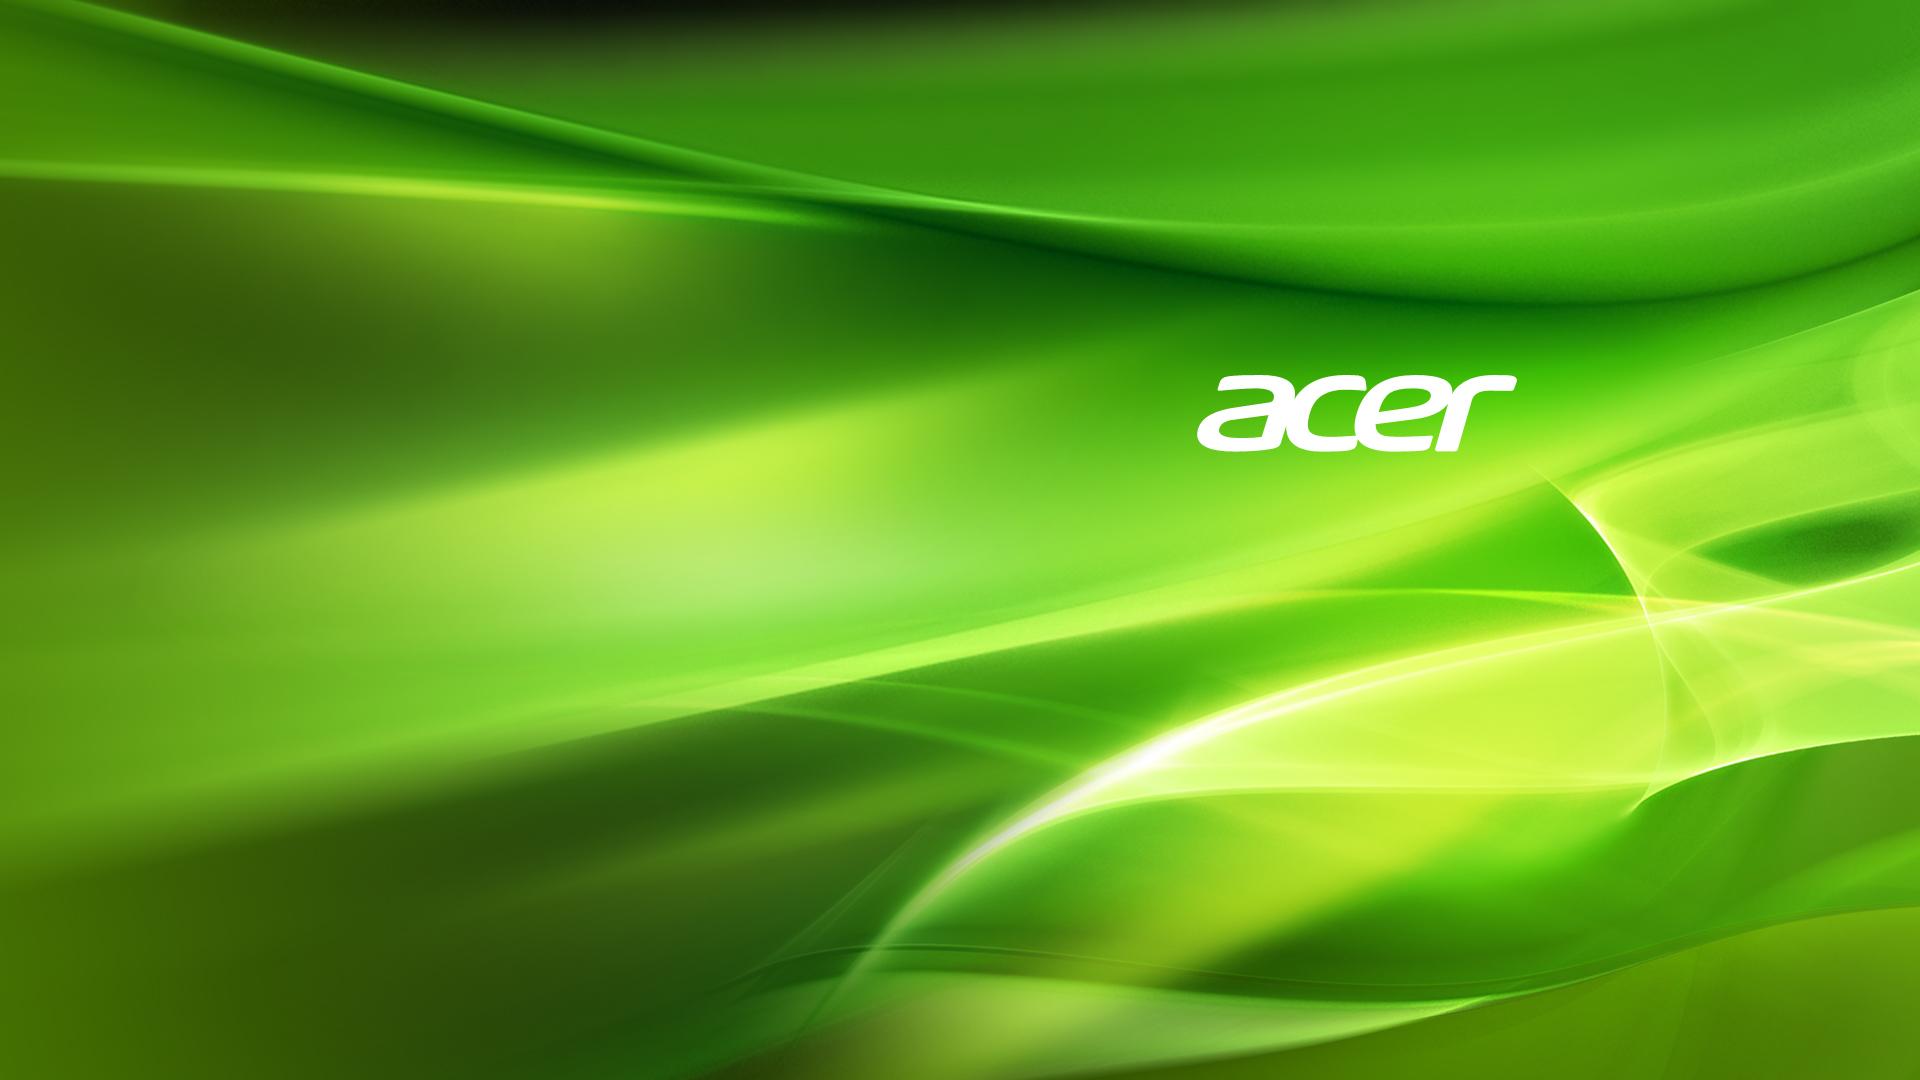 Home Screen Wallpaper Fall Acer Wallpaper Hd Pixelstalk Net